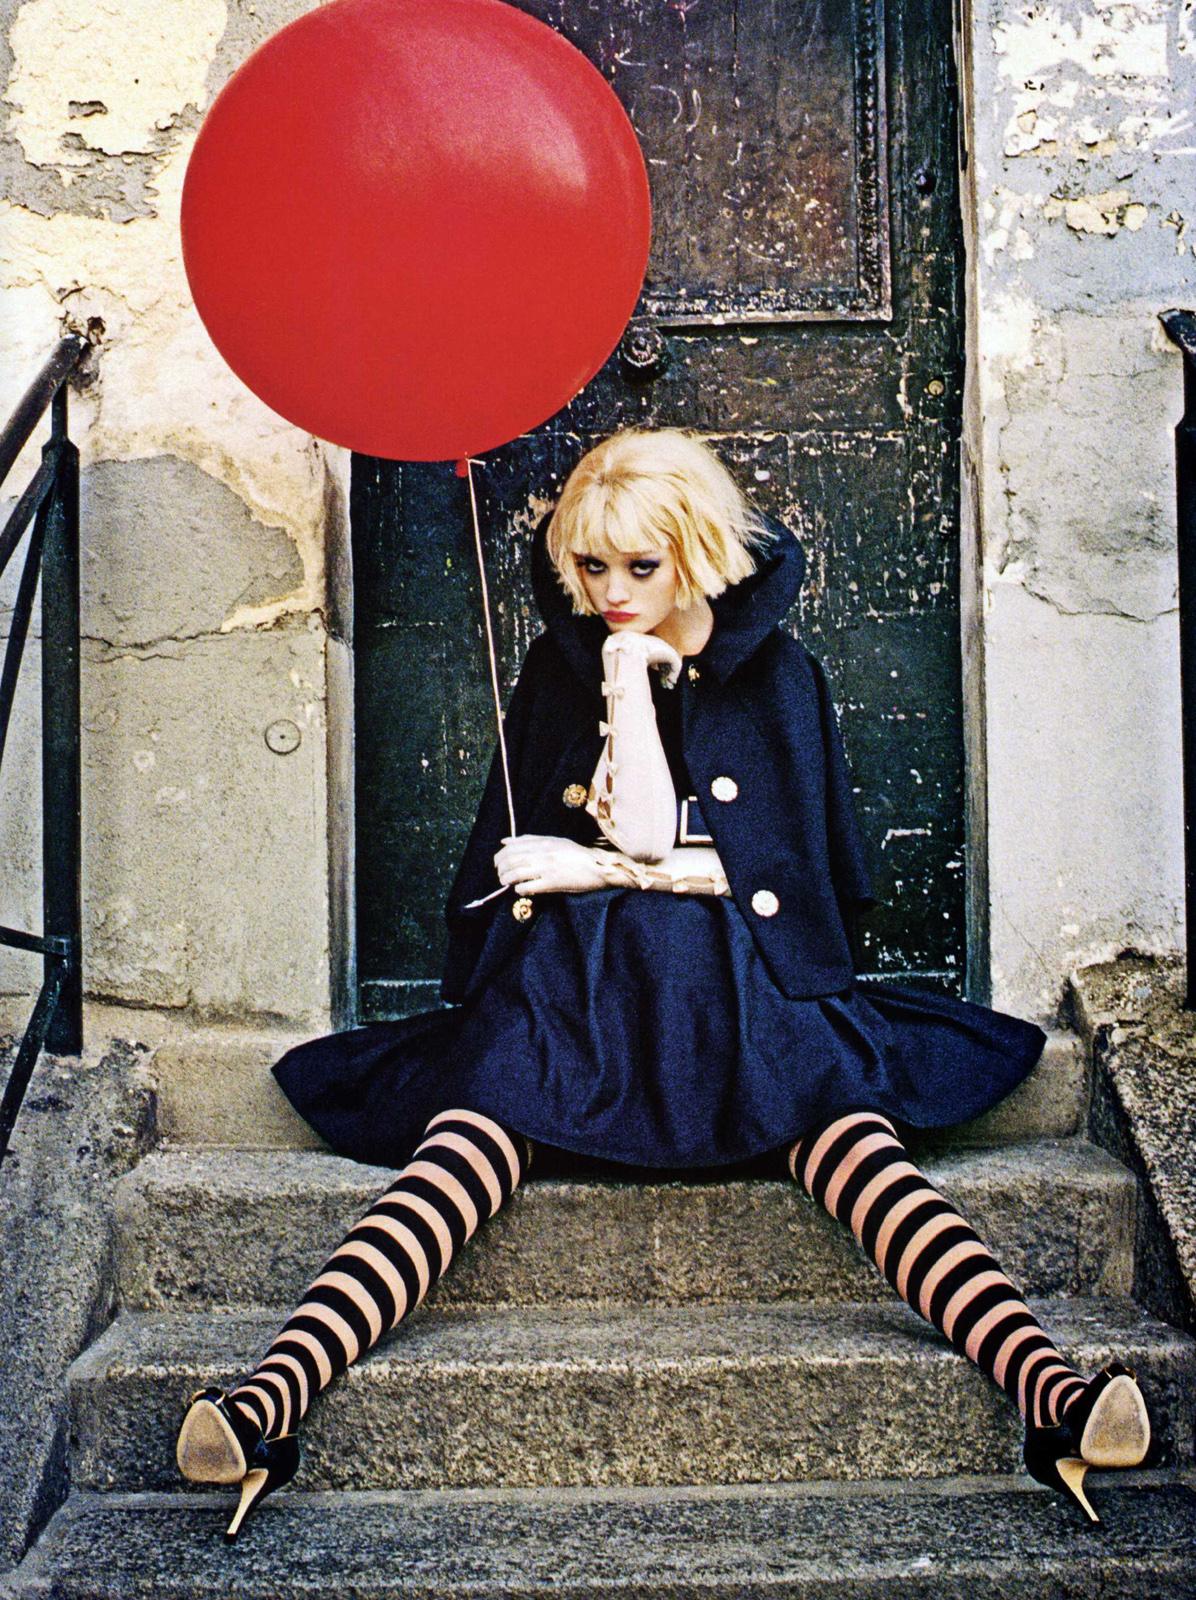 Vogue Italia June 2007 (photography: Ellen von Unwerth)